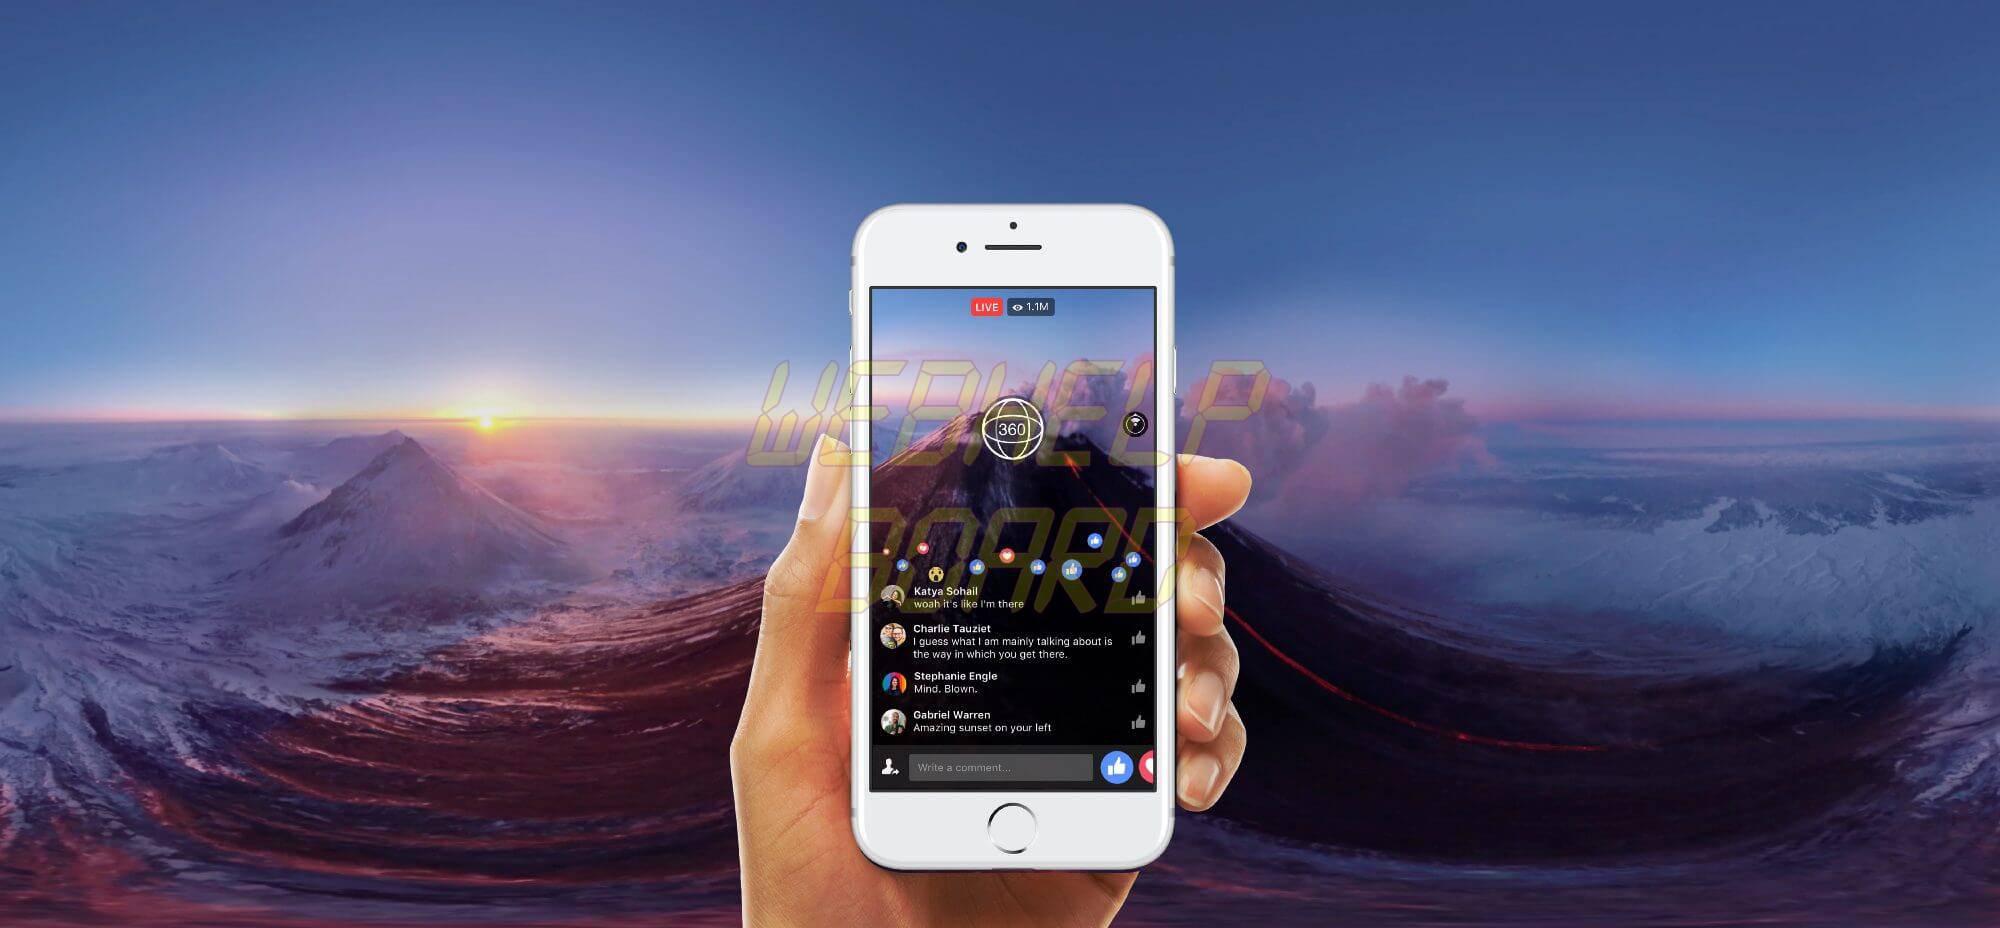 facebook 360 live broadcast video feed - GoPRO ou câmeras que gravam em 360 Graus?